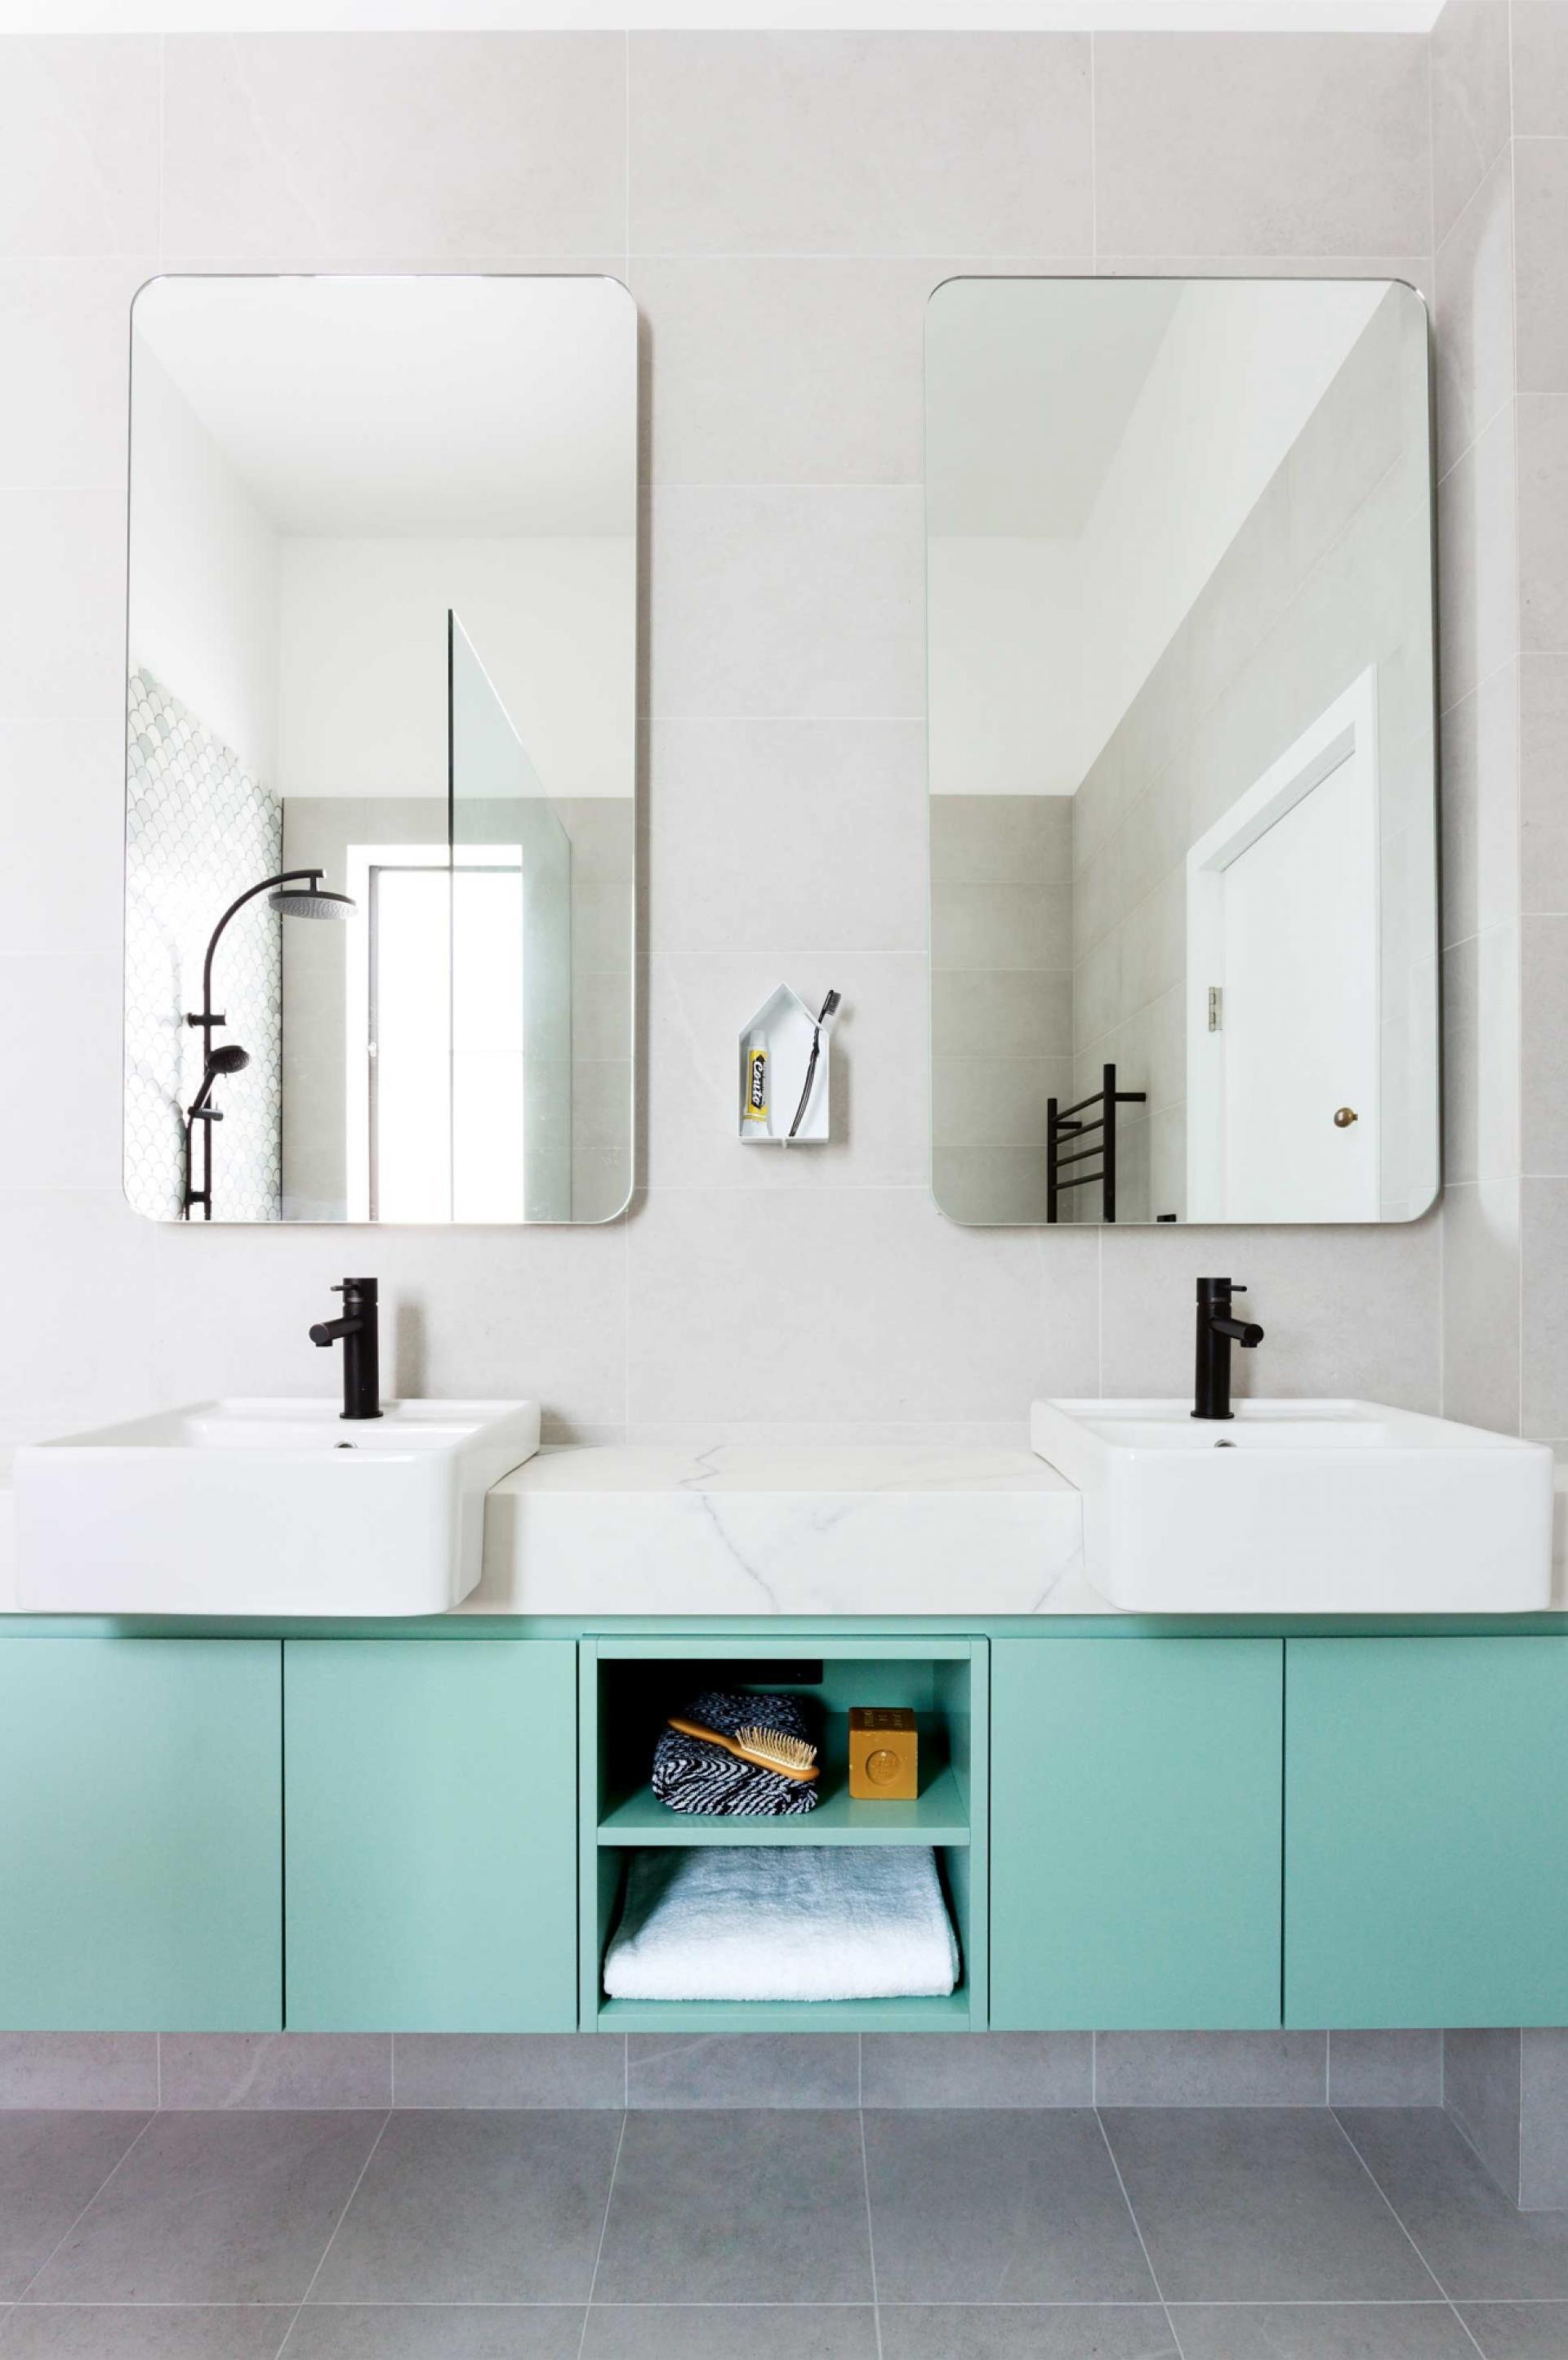 Cheio de charme para deixar o banheiro colorido!